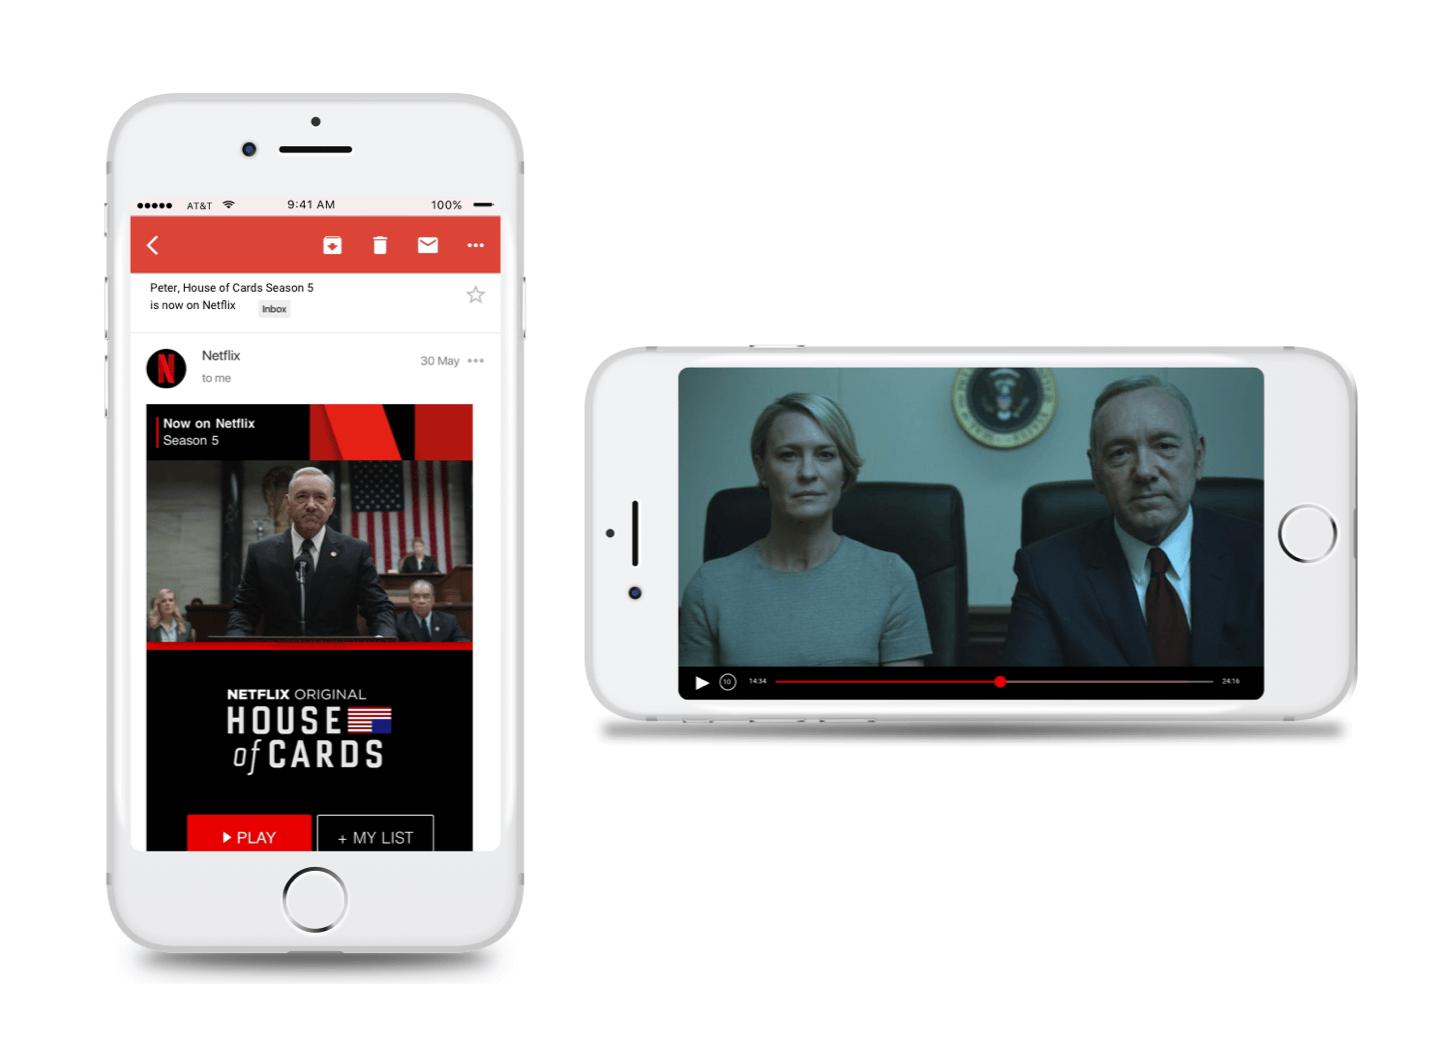 Netflix Experience